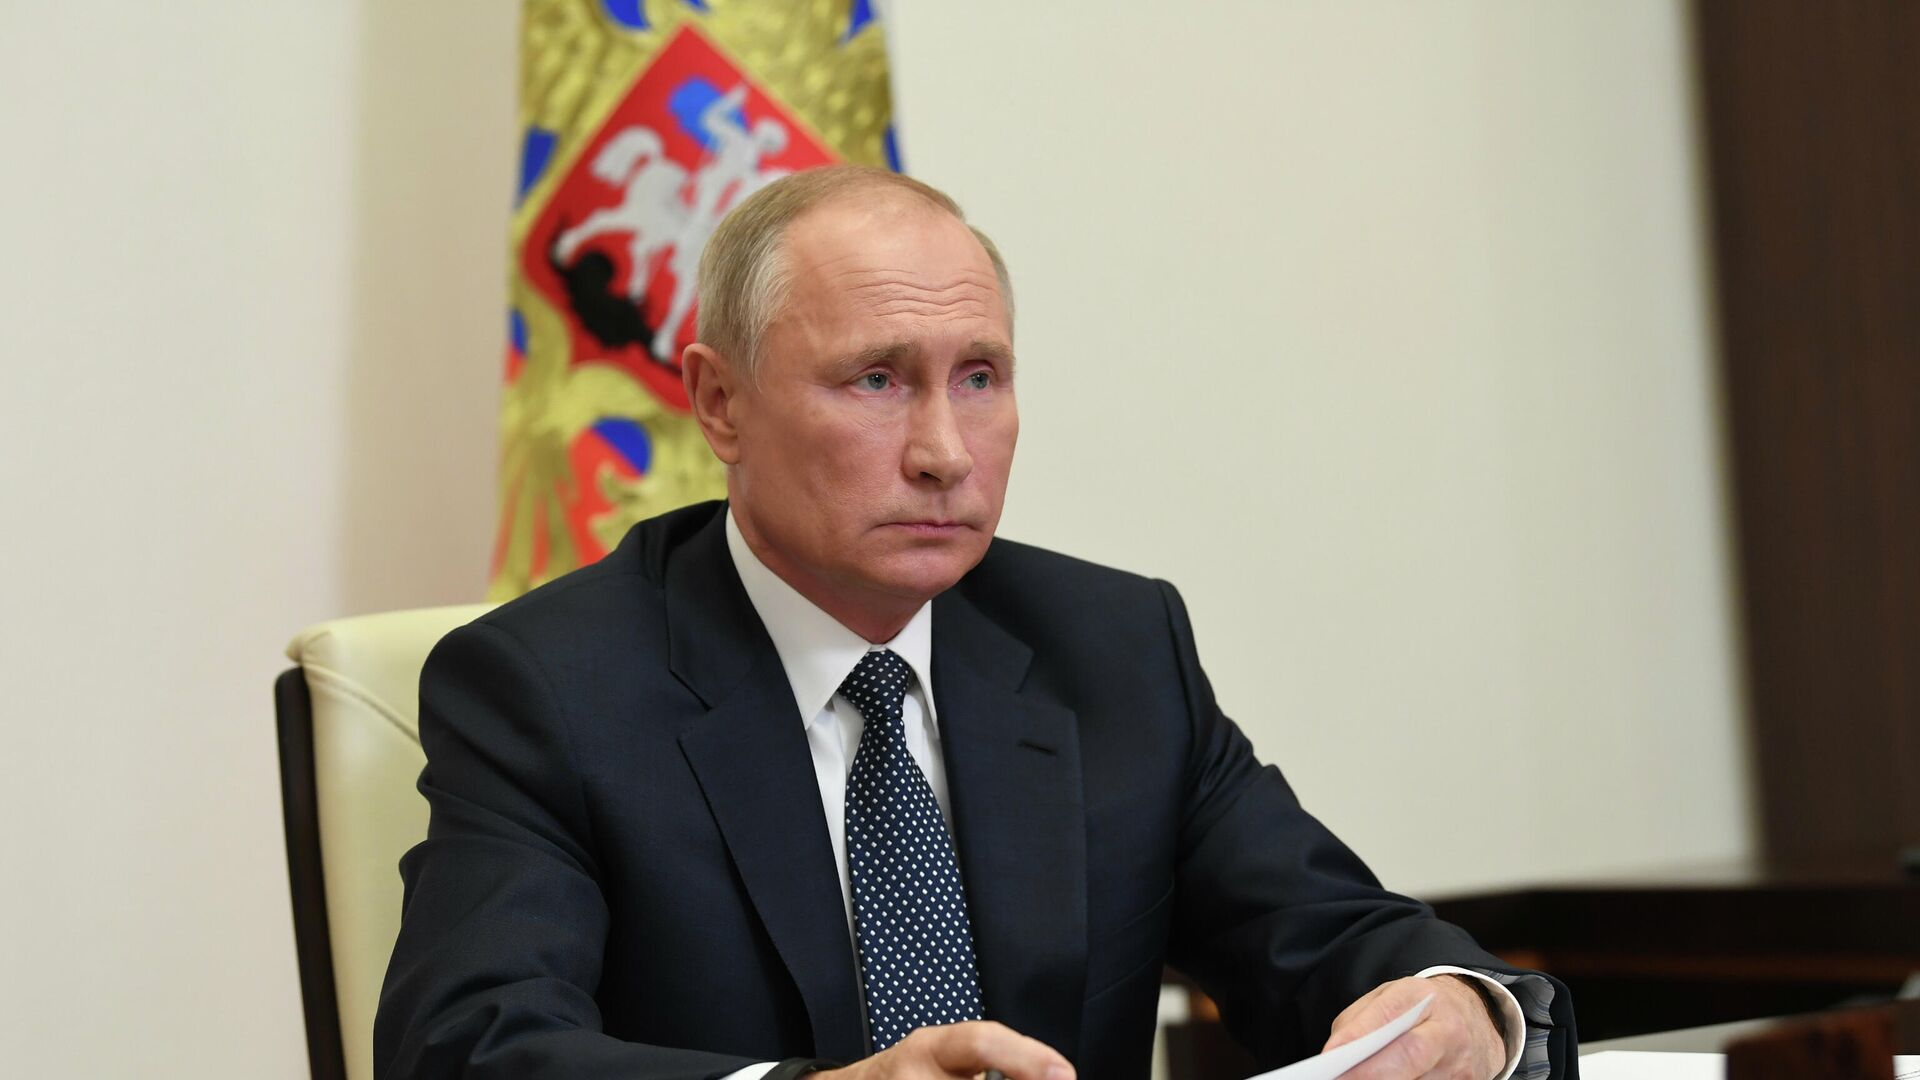 Президент РФ Владимир Путин проводит в режиме видеоконференции совещание по решению гуманитарных вопросов в районе Нагорного Карабаха - РИА Новости, 1920, 20.11.2020